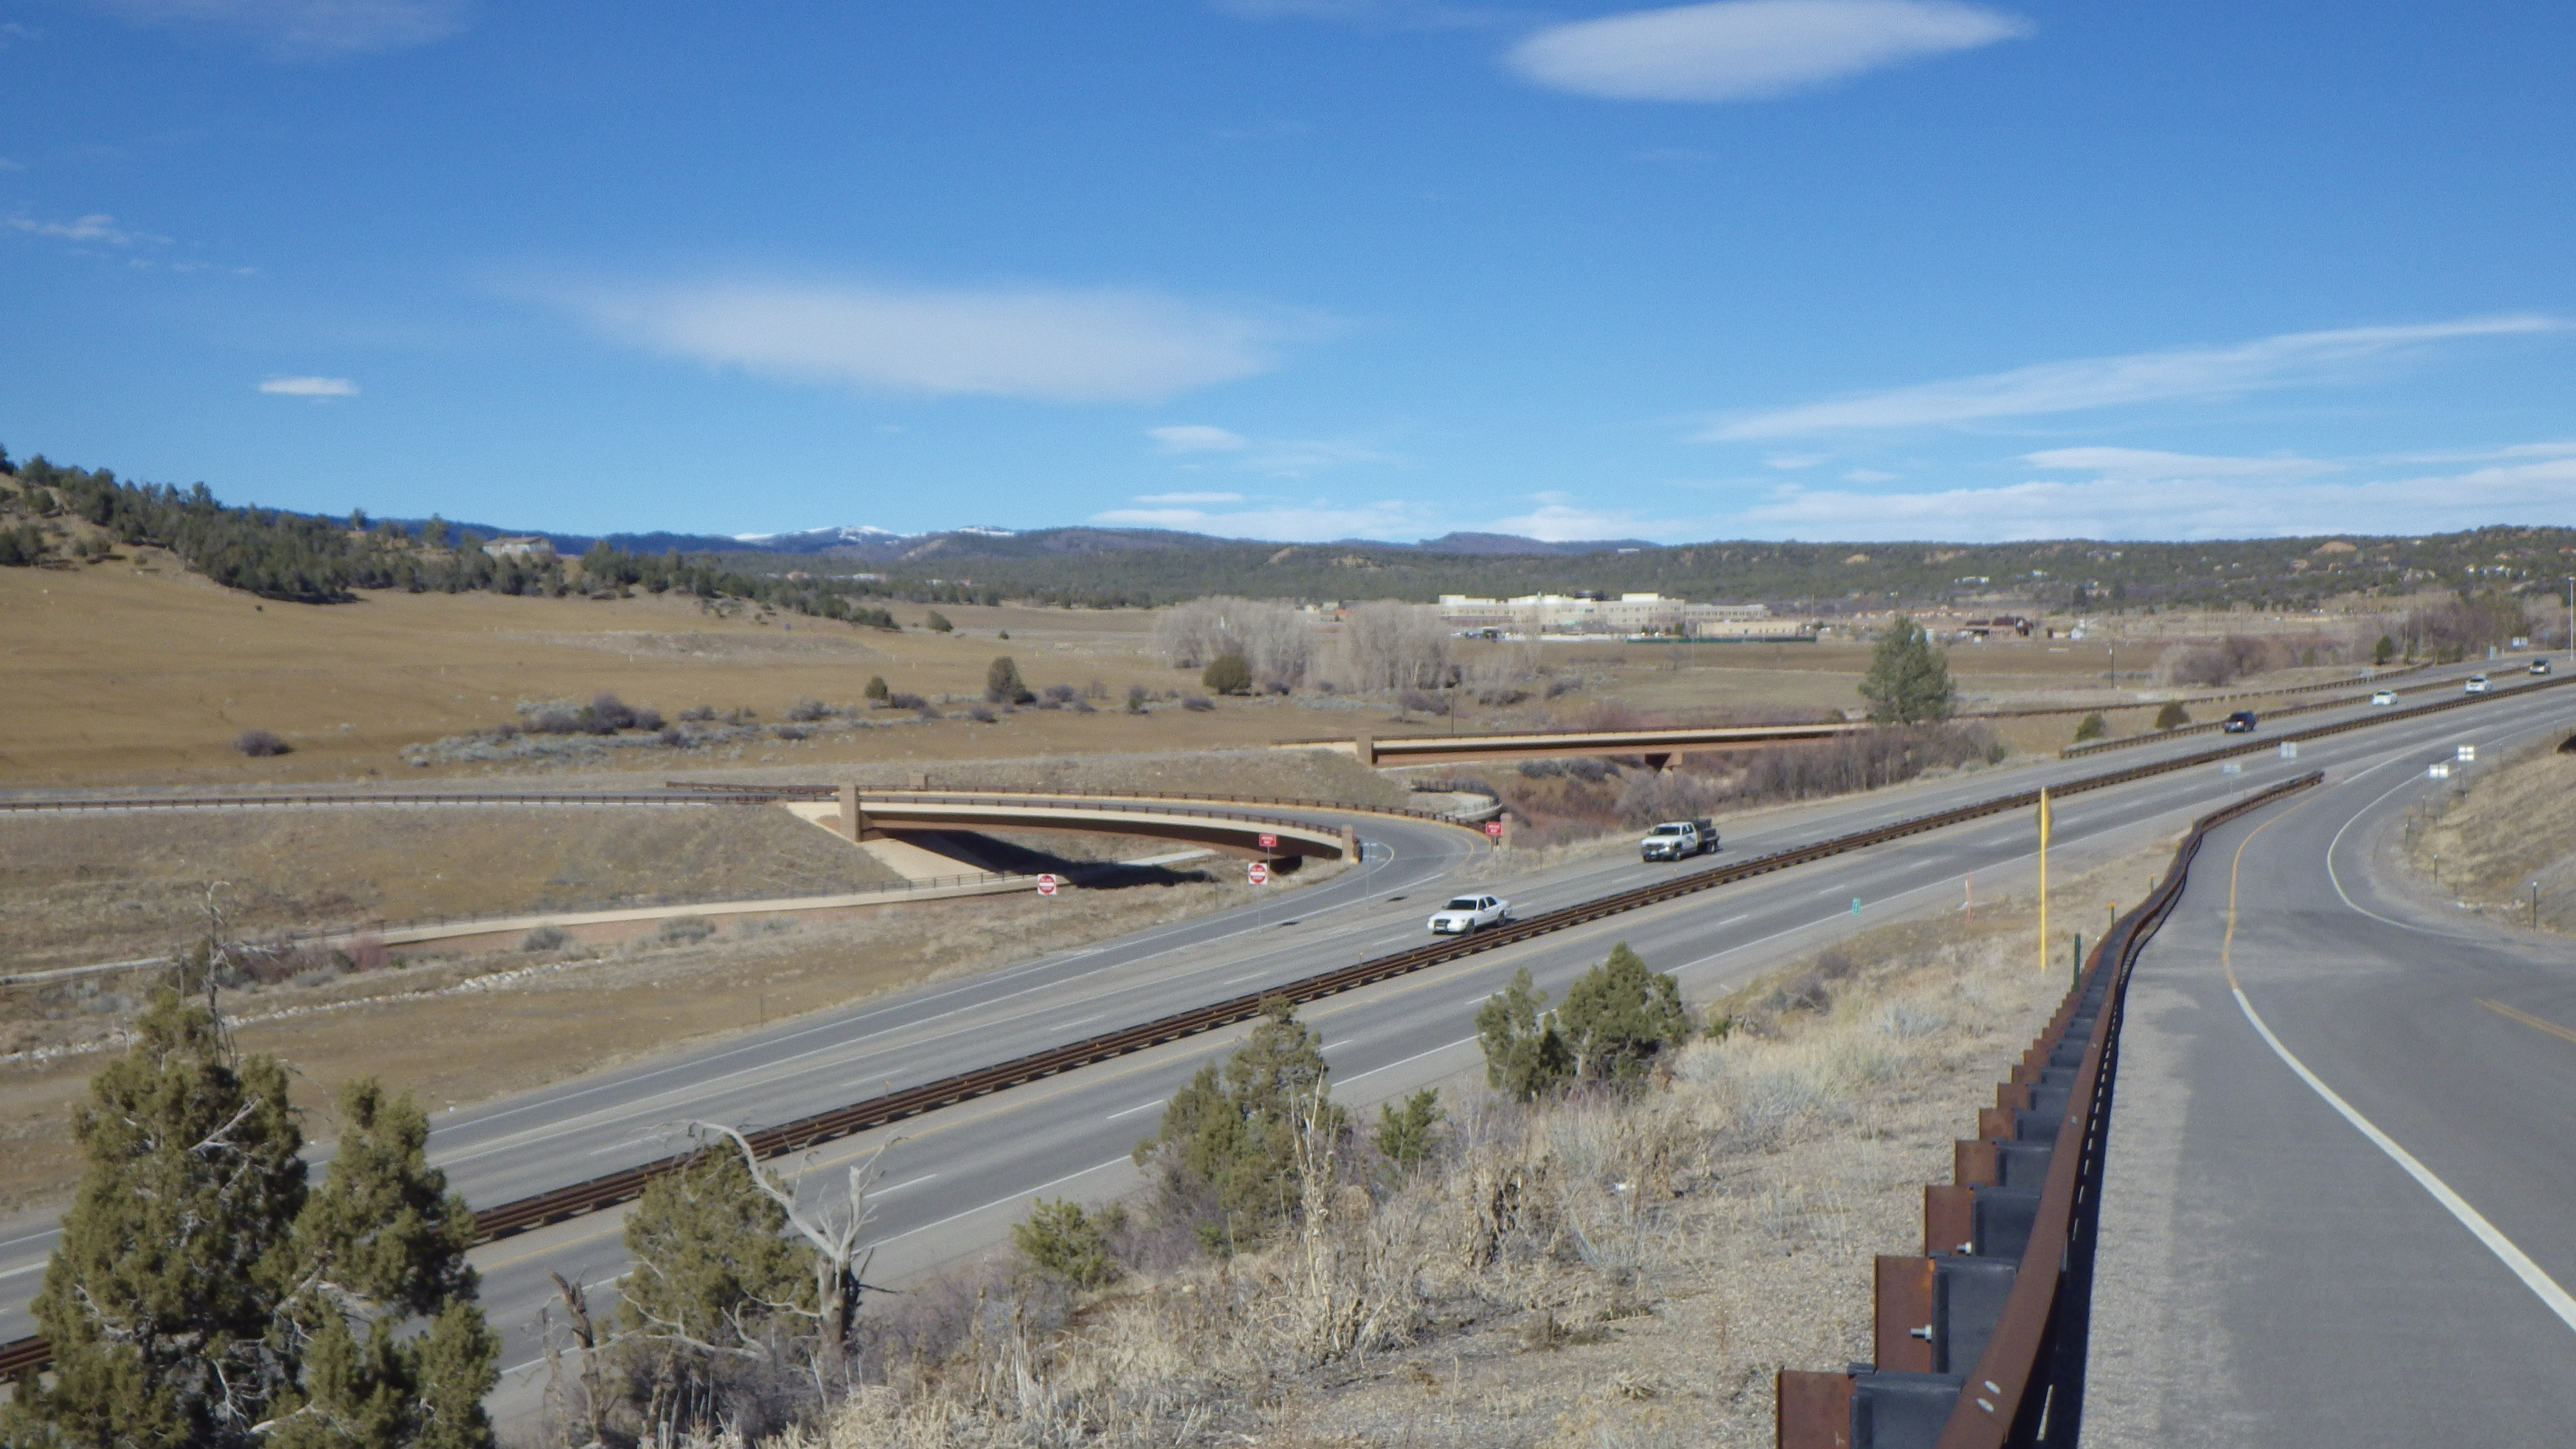 caver u0026 associates durango colorado real estate southfork ranch